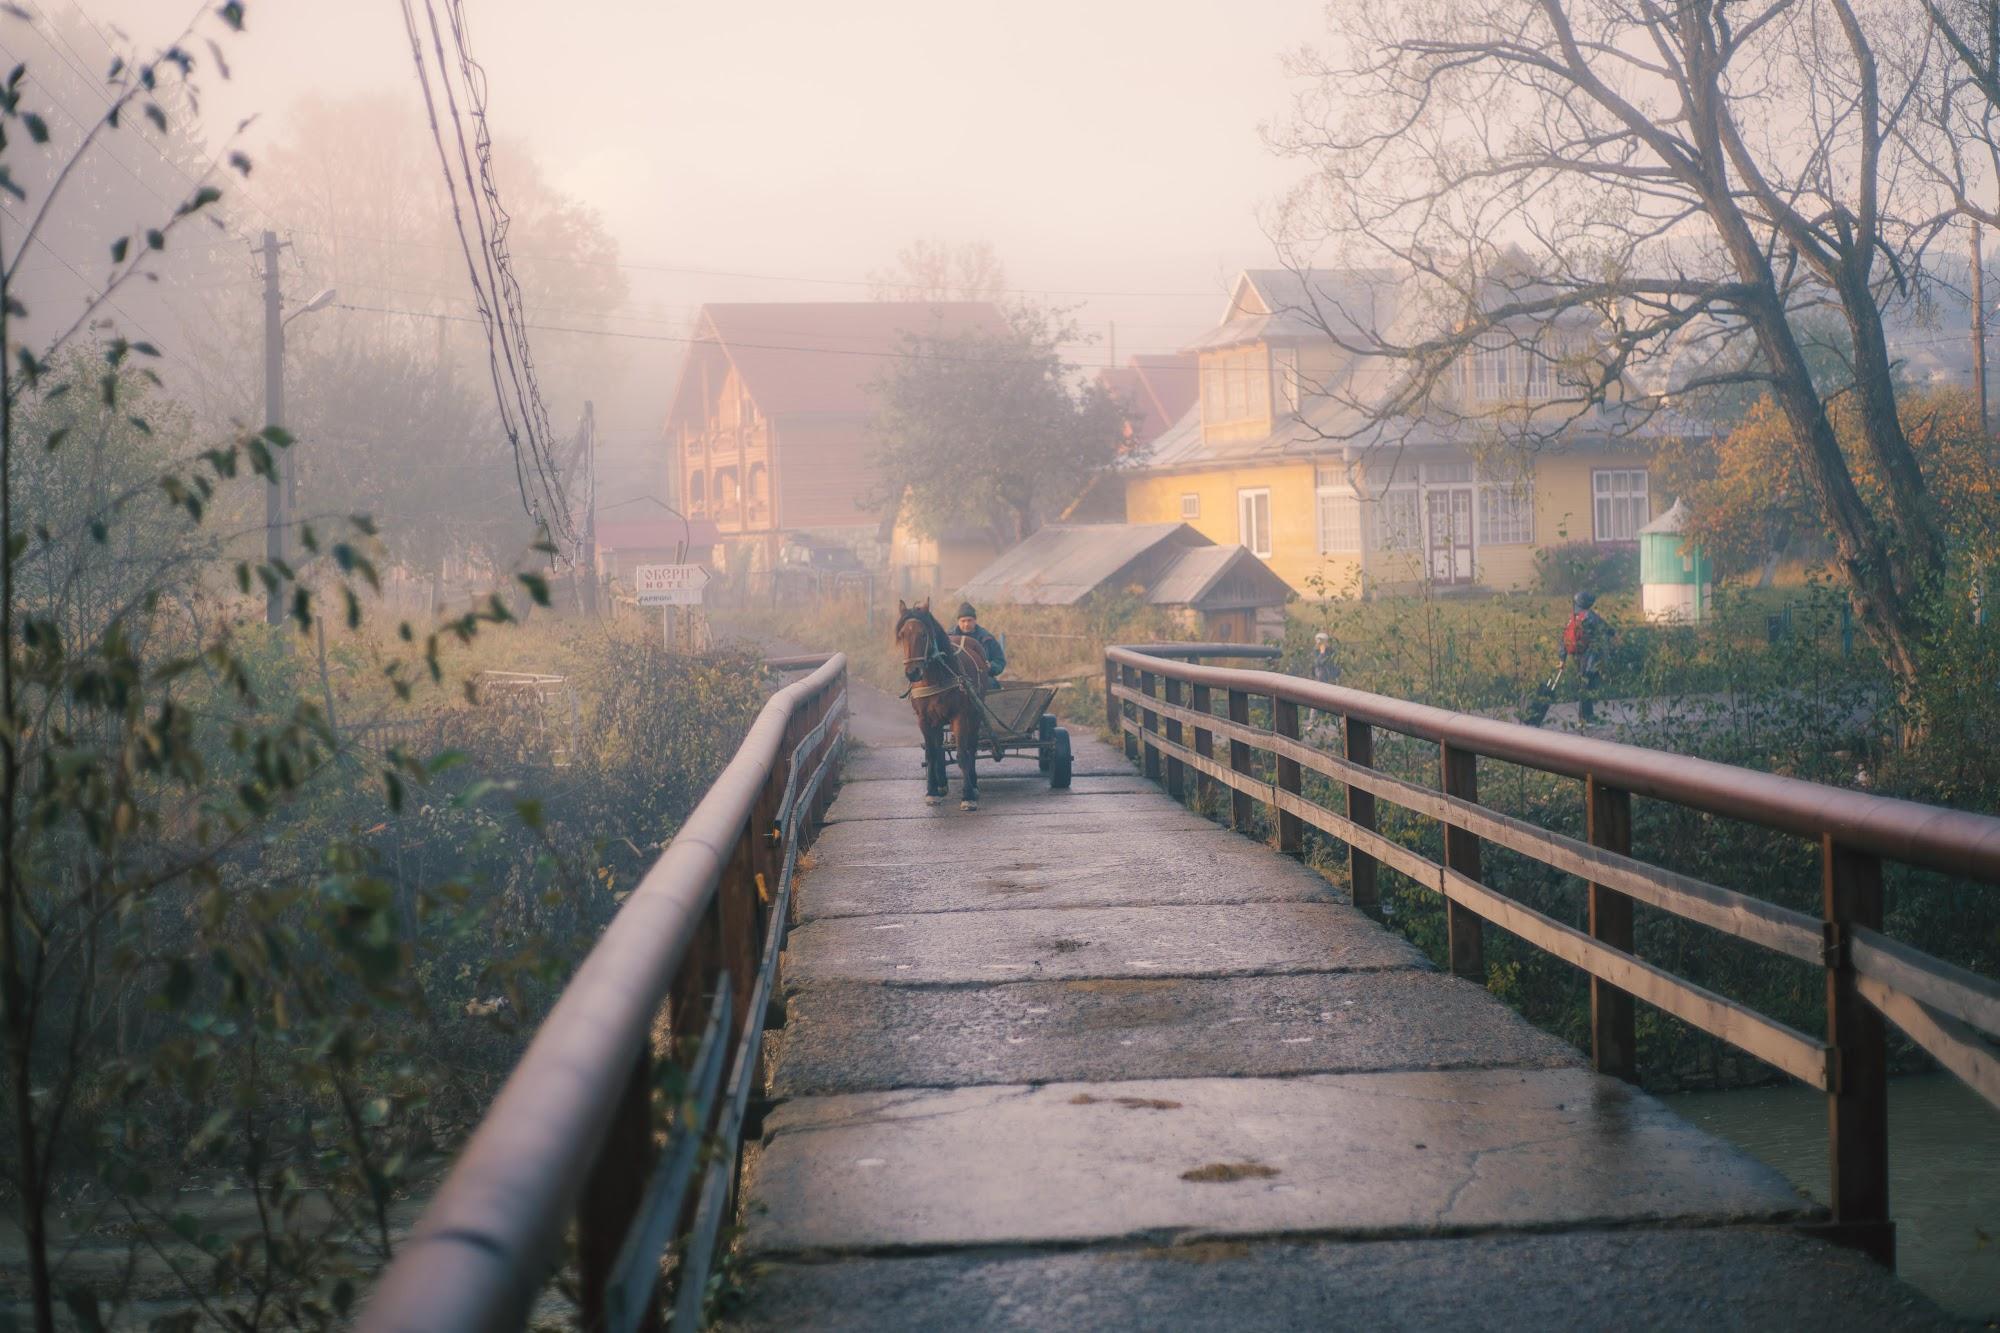 Міст через річку - Ворохта